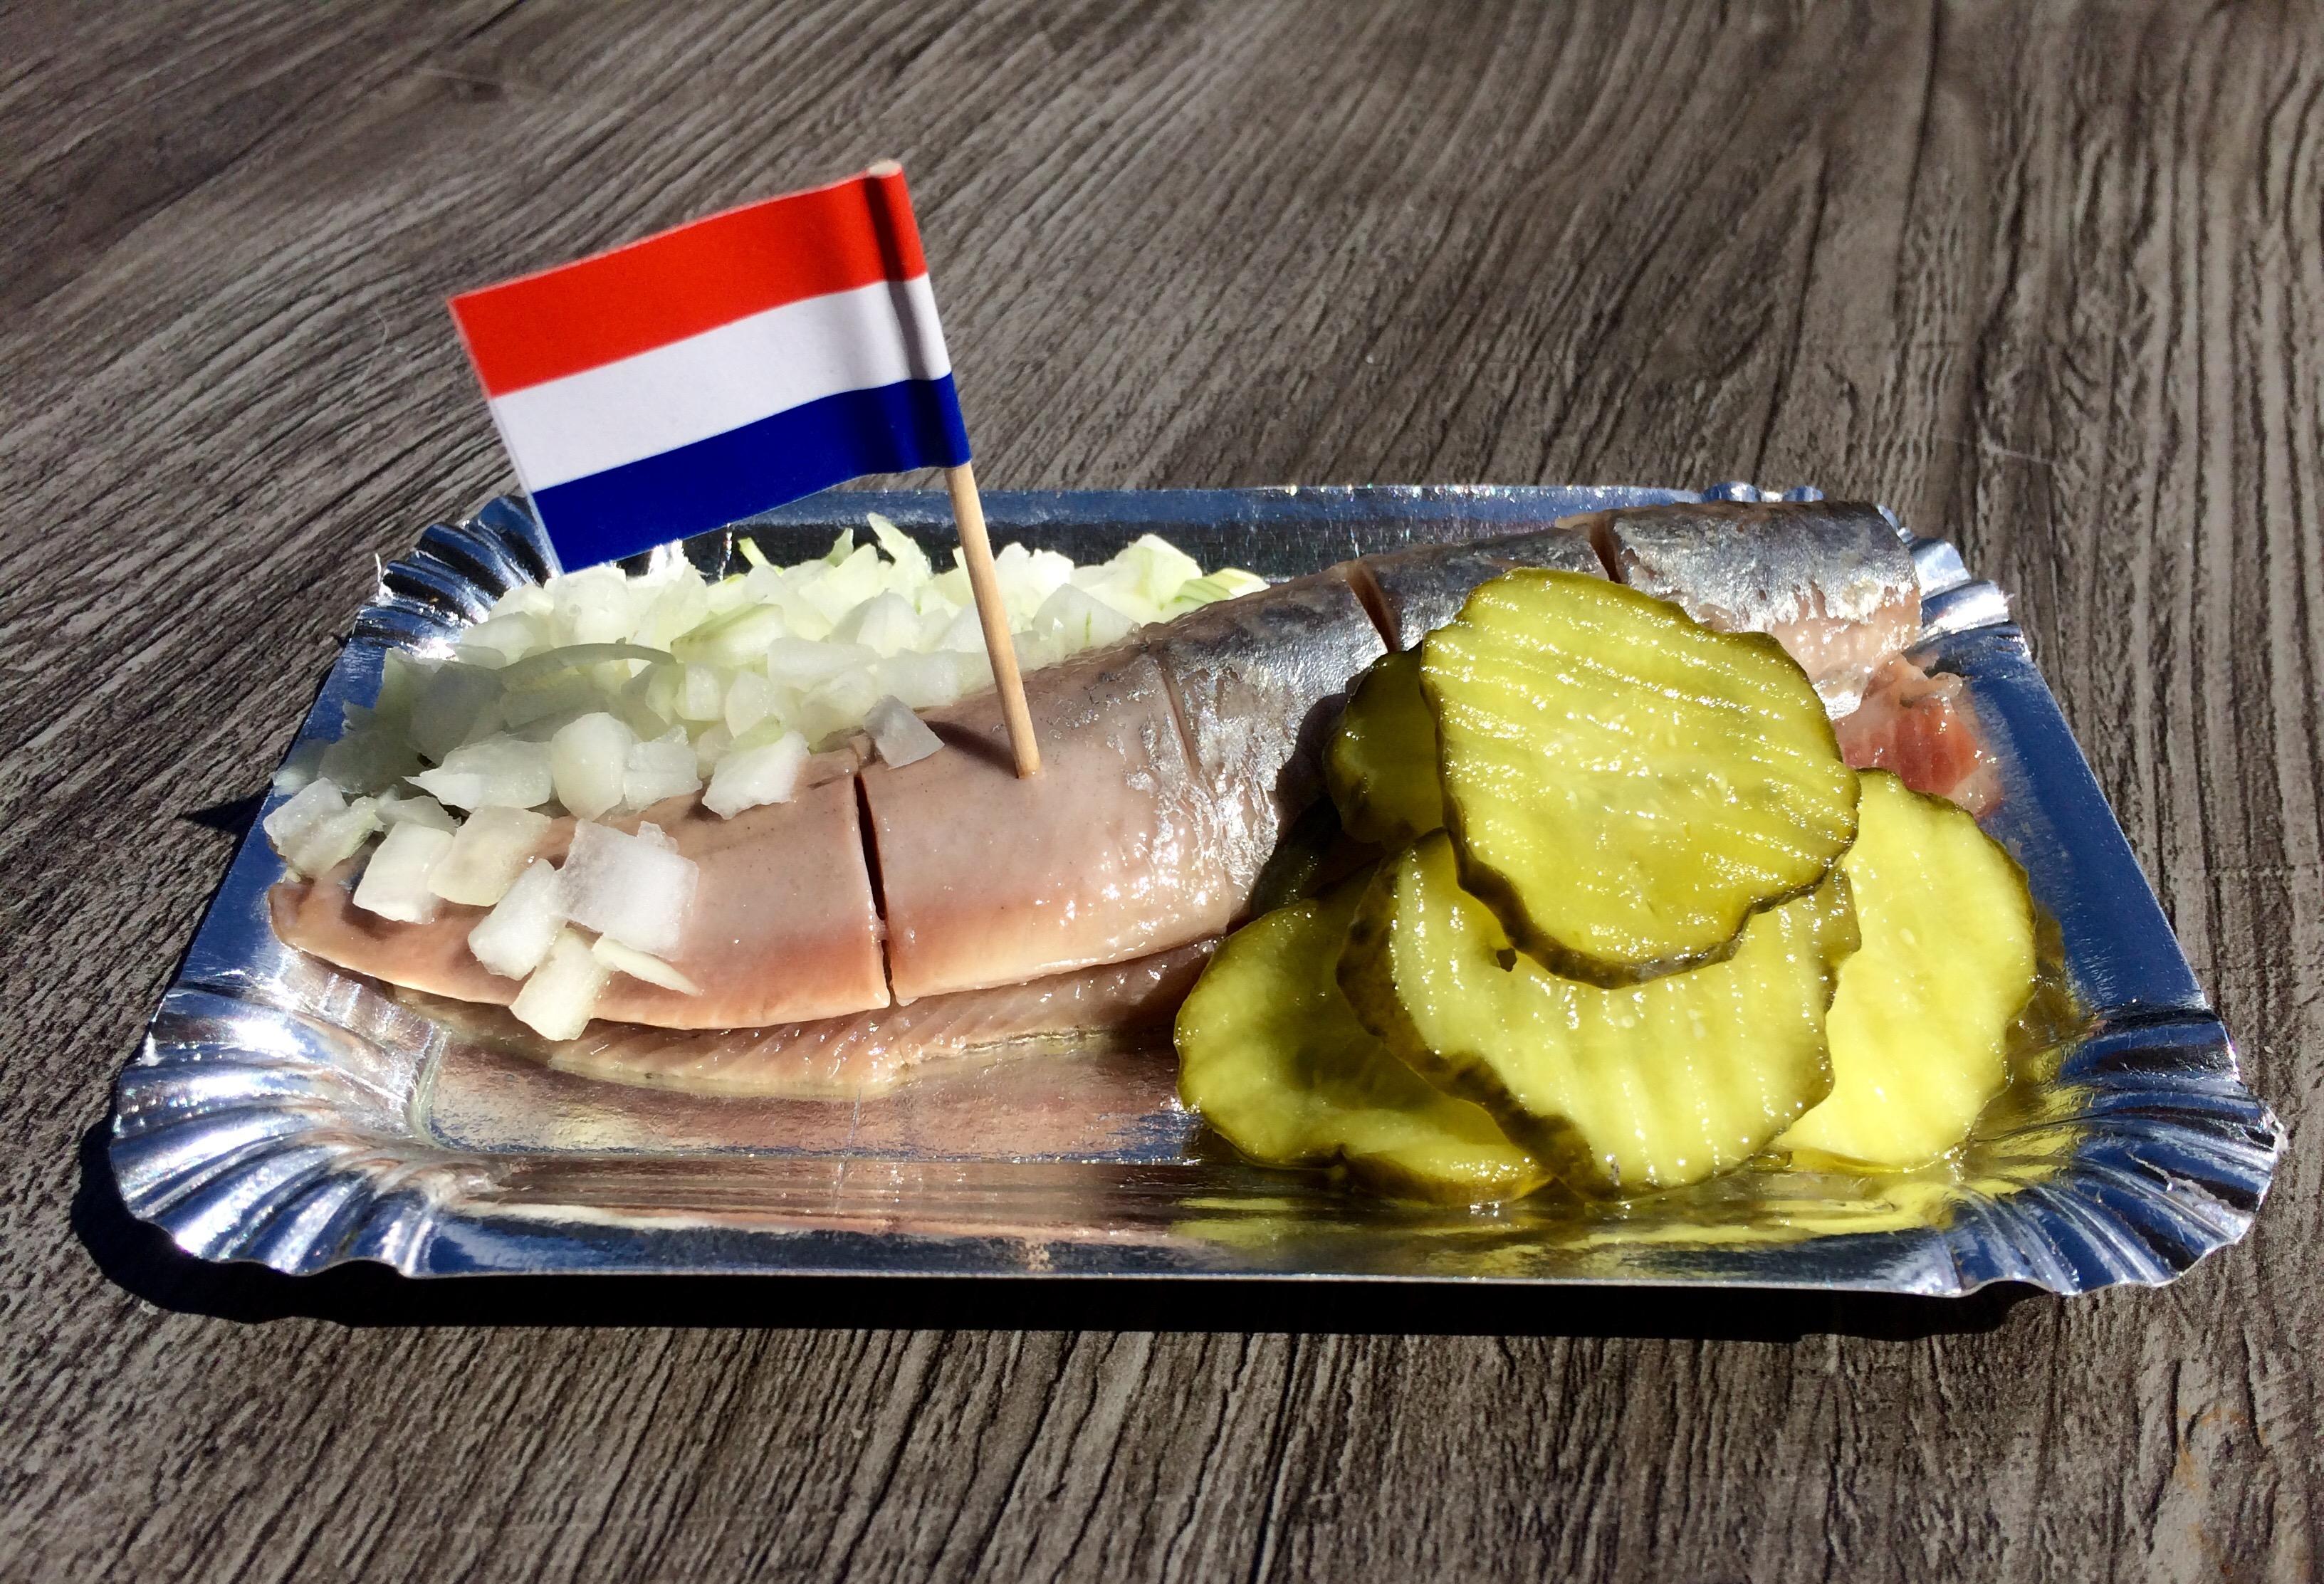 Eating herring (haring) in Amsterdam